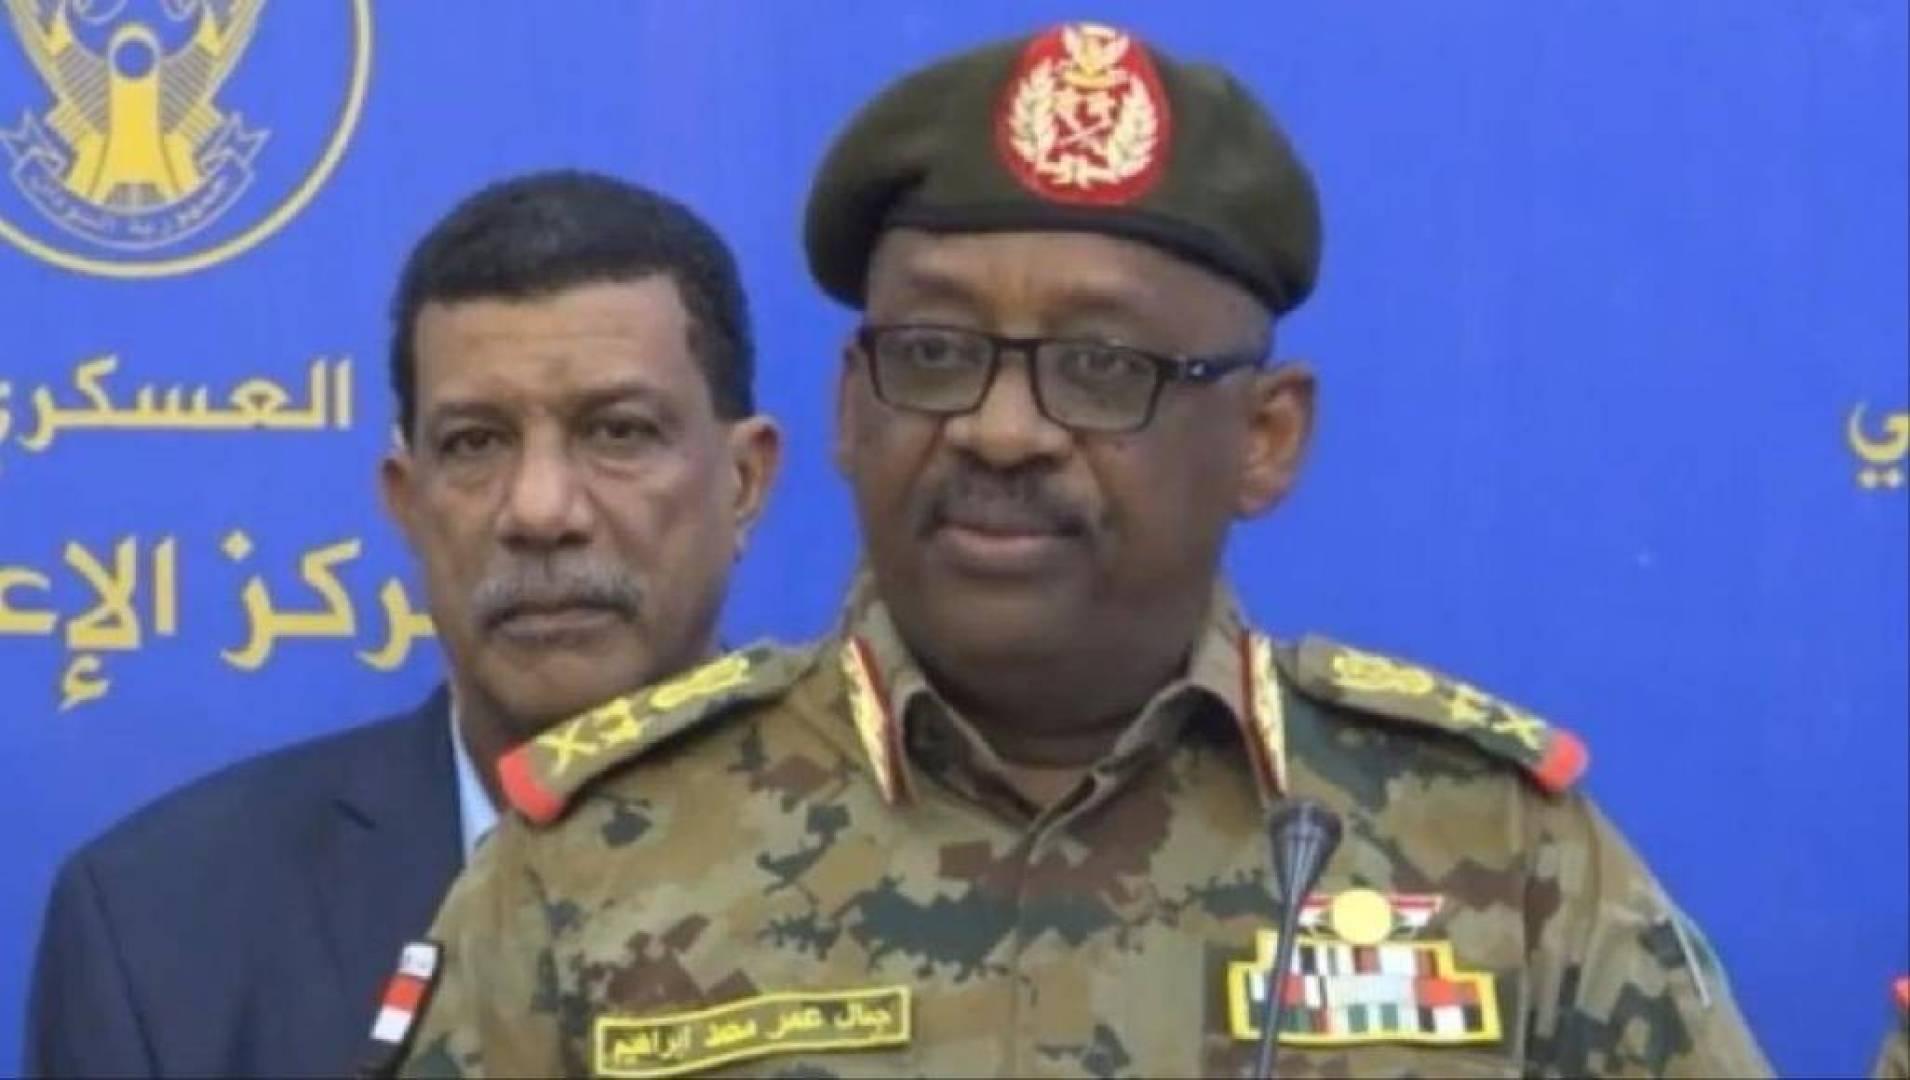 وفاة وزير الدفاع السوداني بمرض في جوبا